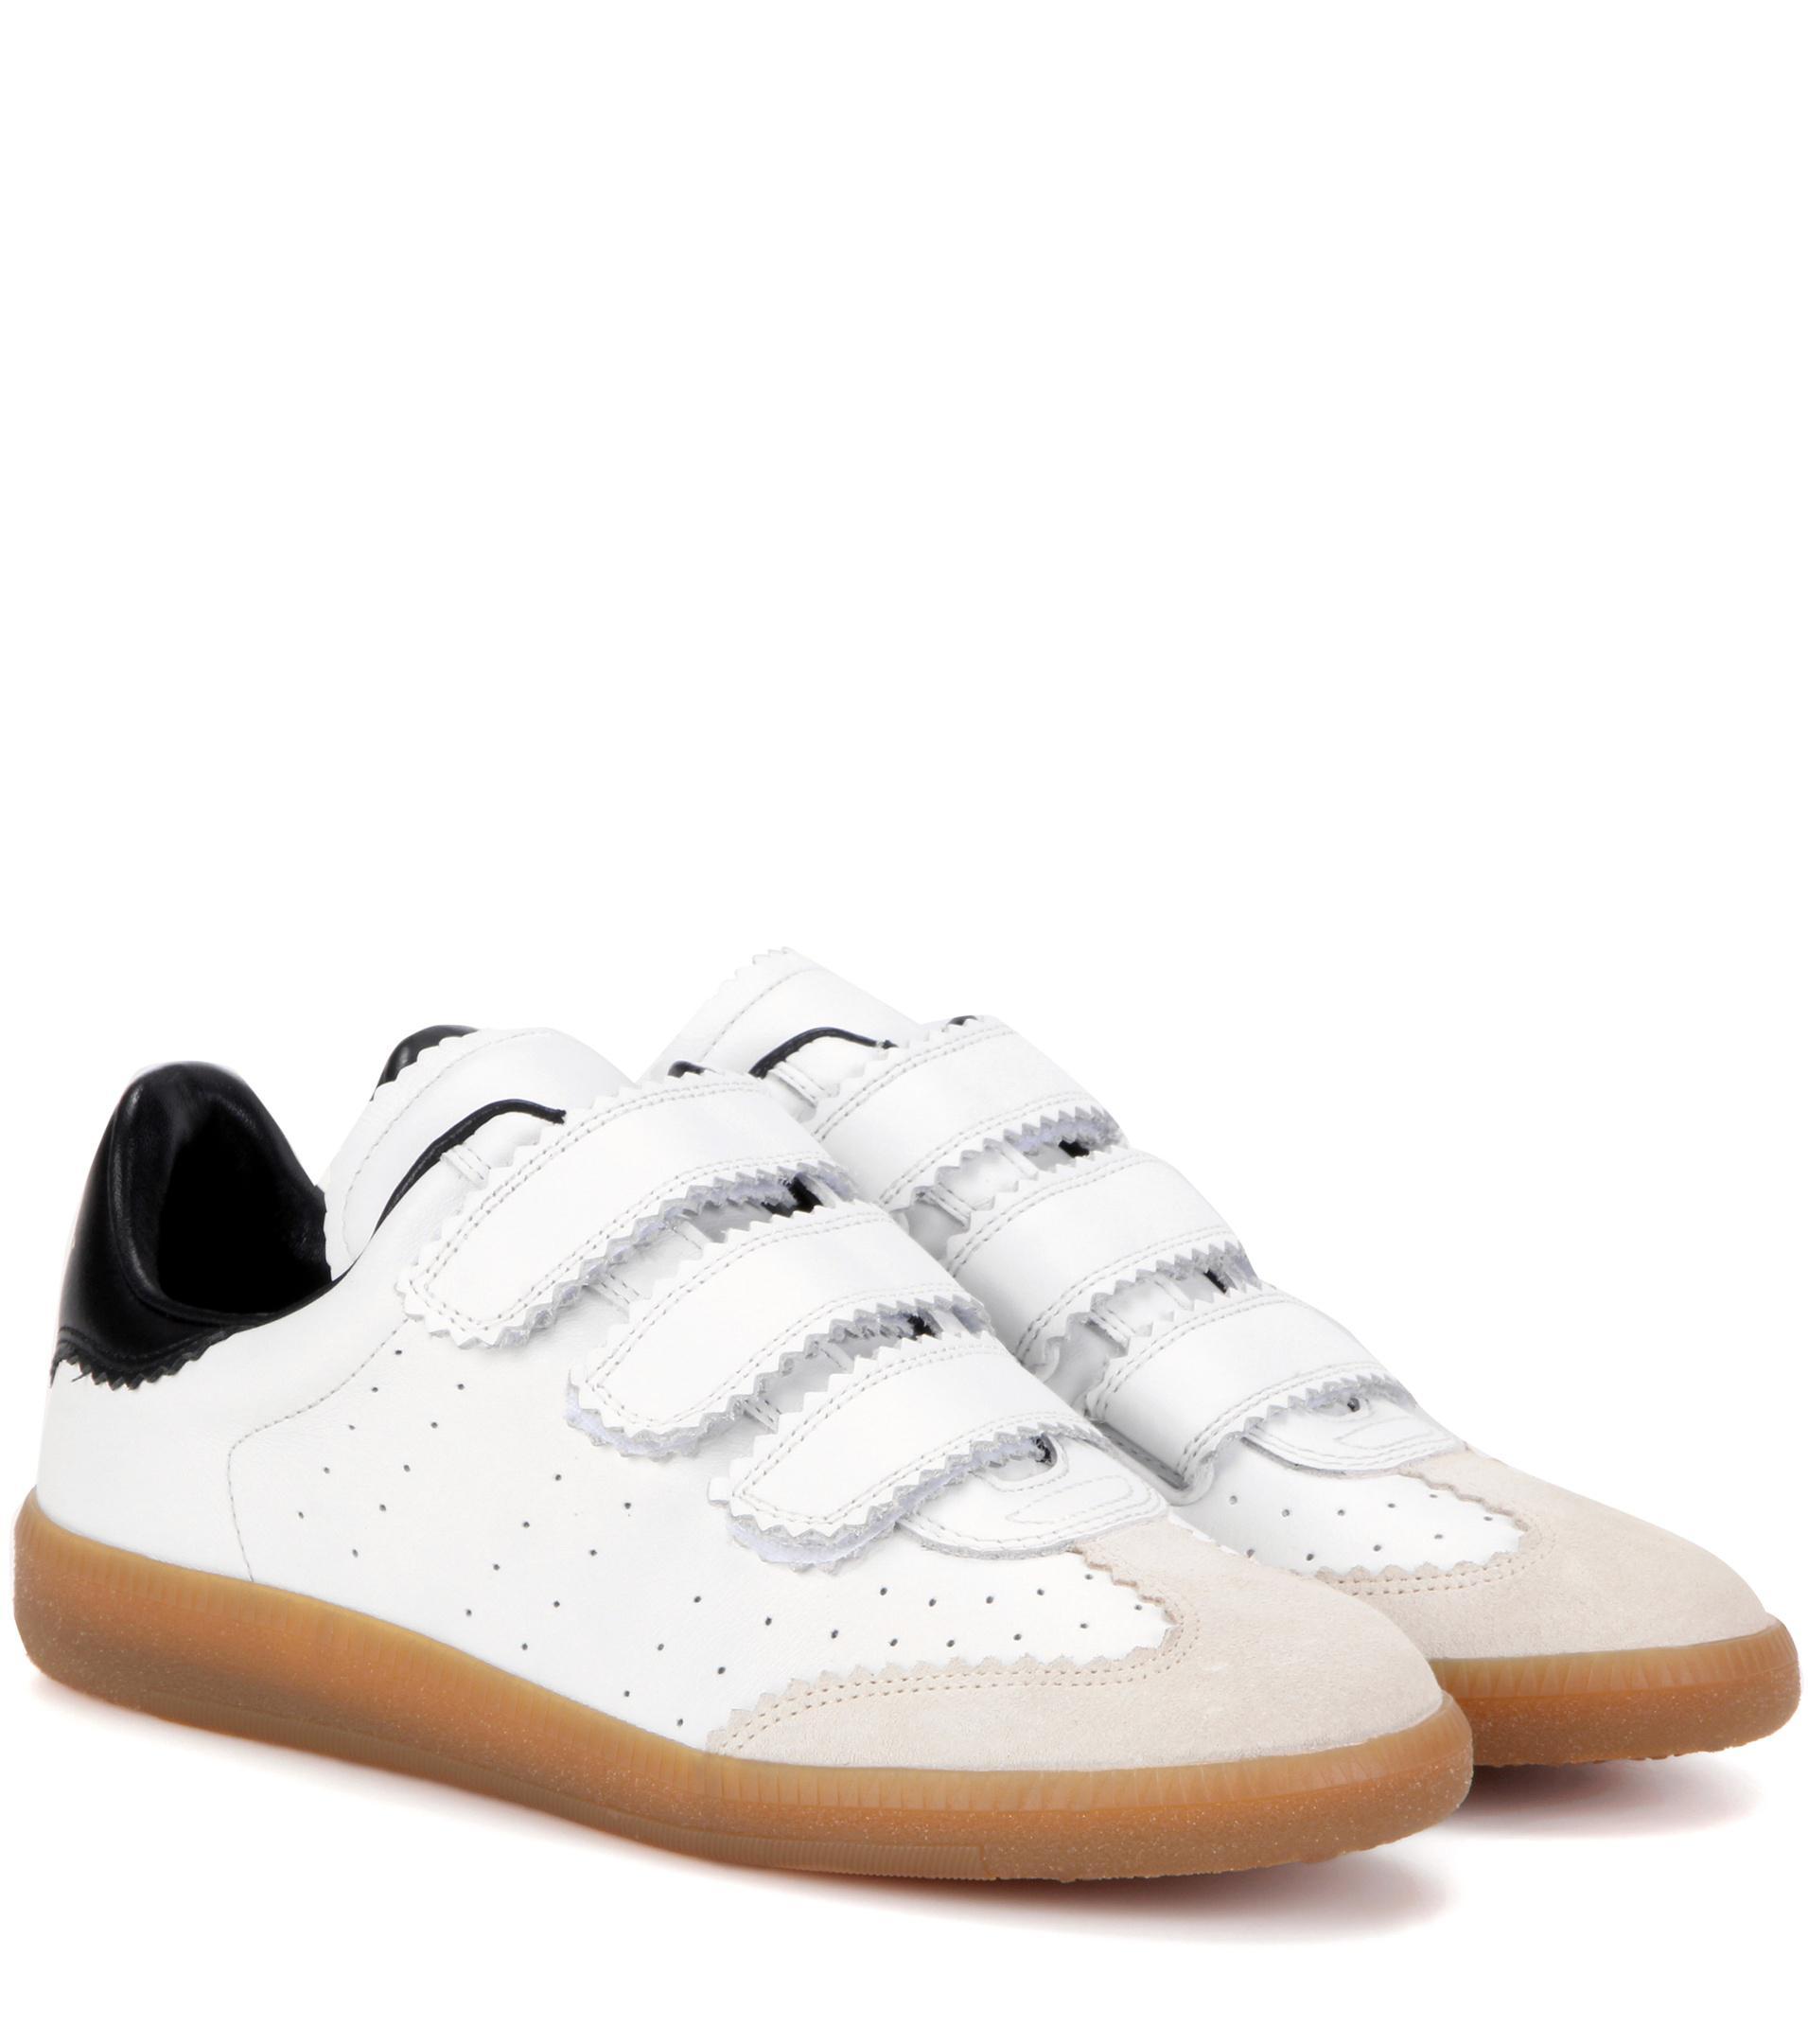 Jeu Des Achats En Ligne Vente 2018 Plus Récent Isabel Marant White beth leather sneakers Vente De Haute Qualité Meilleur Prix De Liquidation W0j6YM8fZm